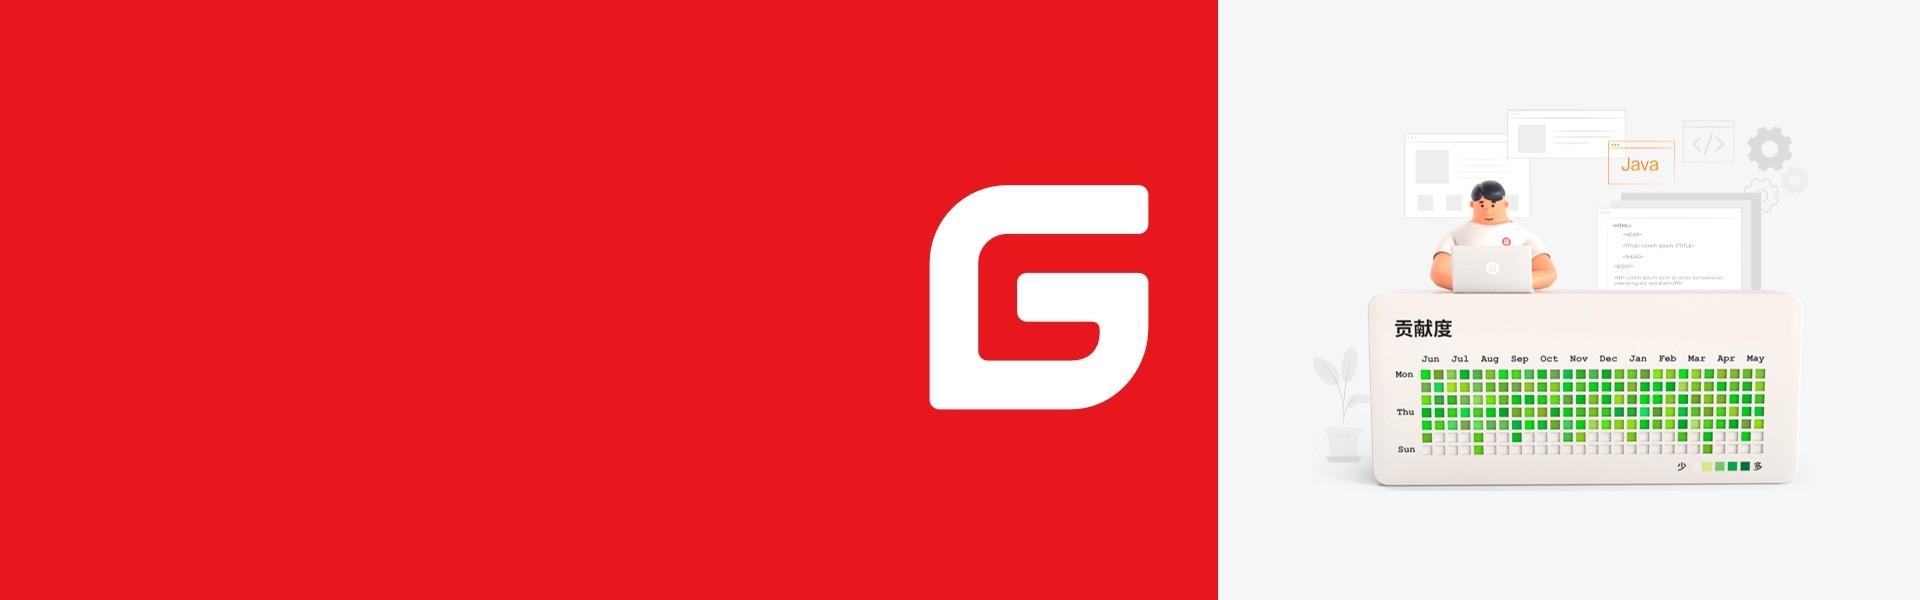 Gitee, el GitHub chino